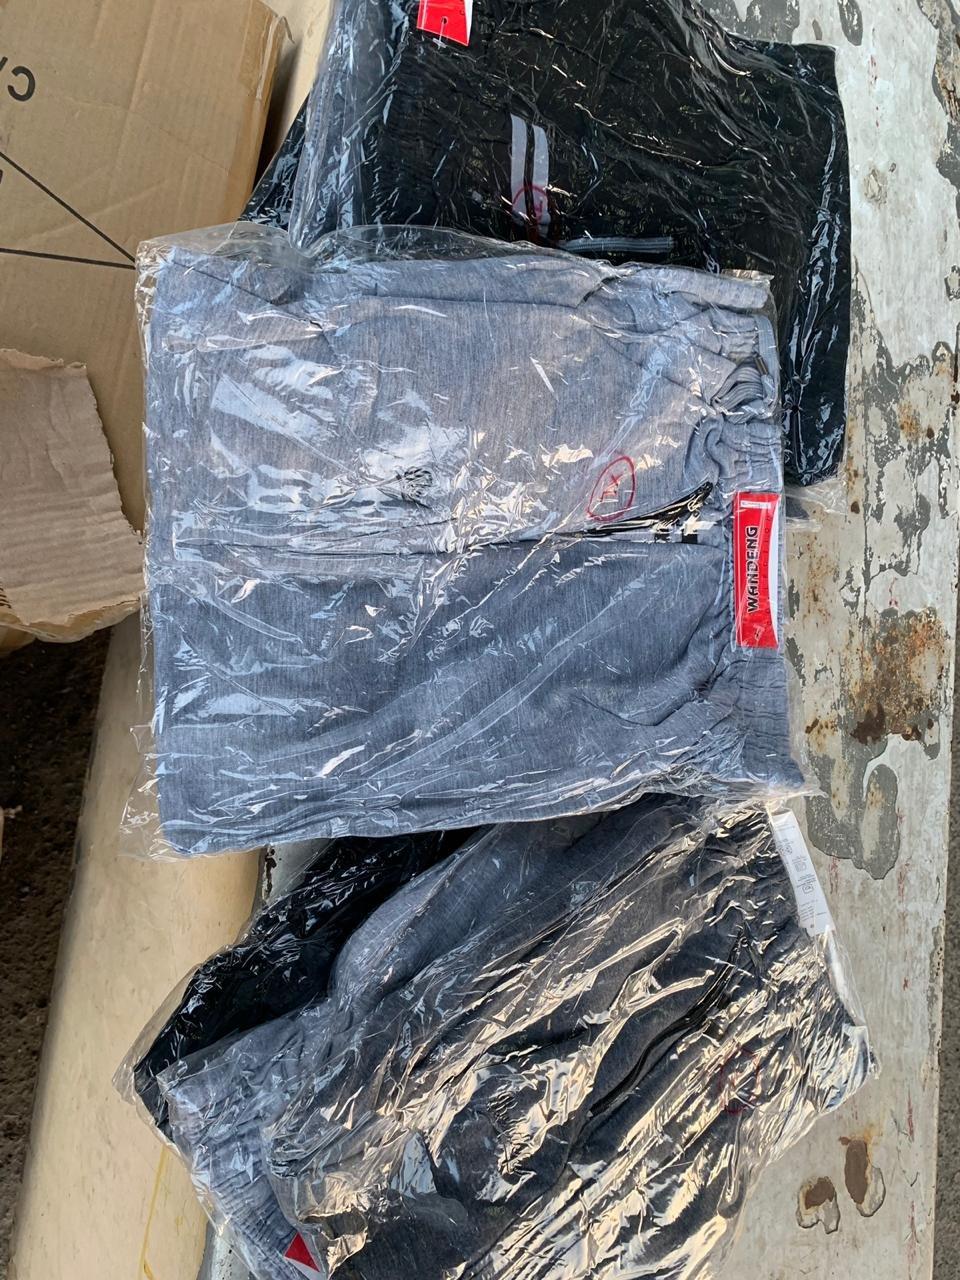 """Через КПП """"Ужгород"""" українці намагались незаконно провезти 1700 кг нового одягу (ФОТО), фото-2"""